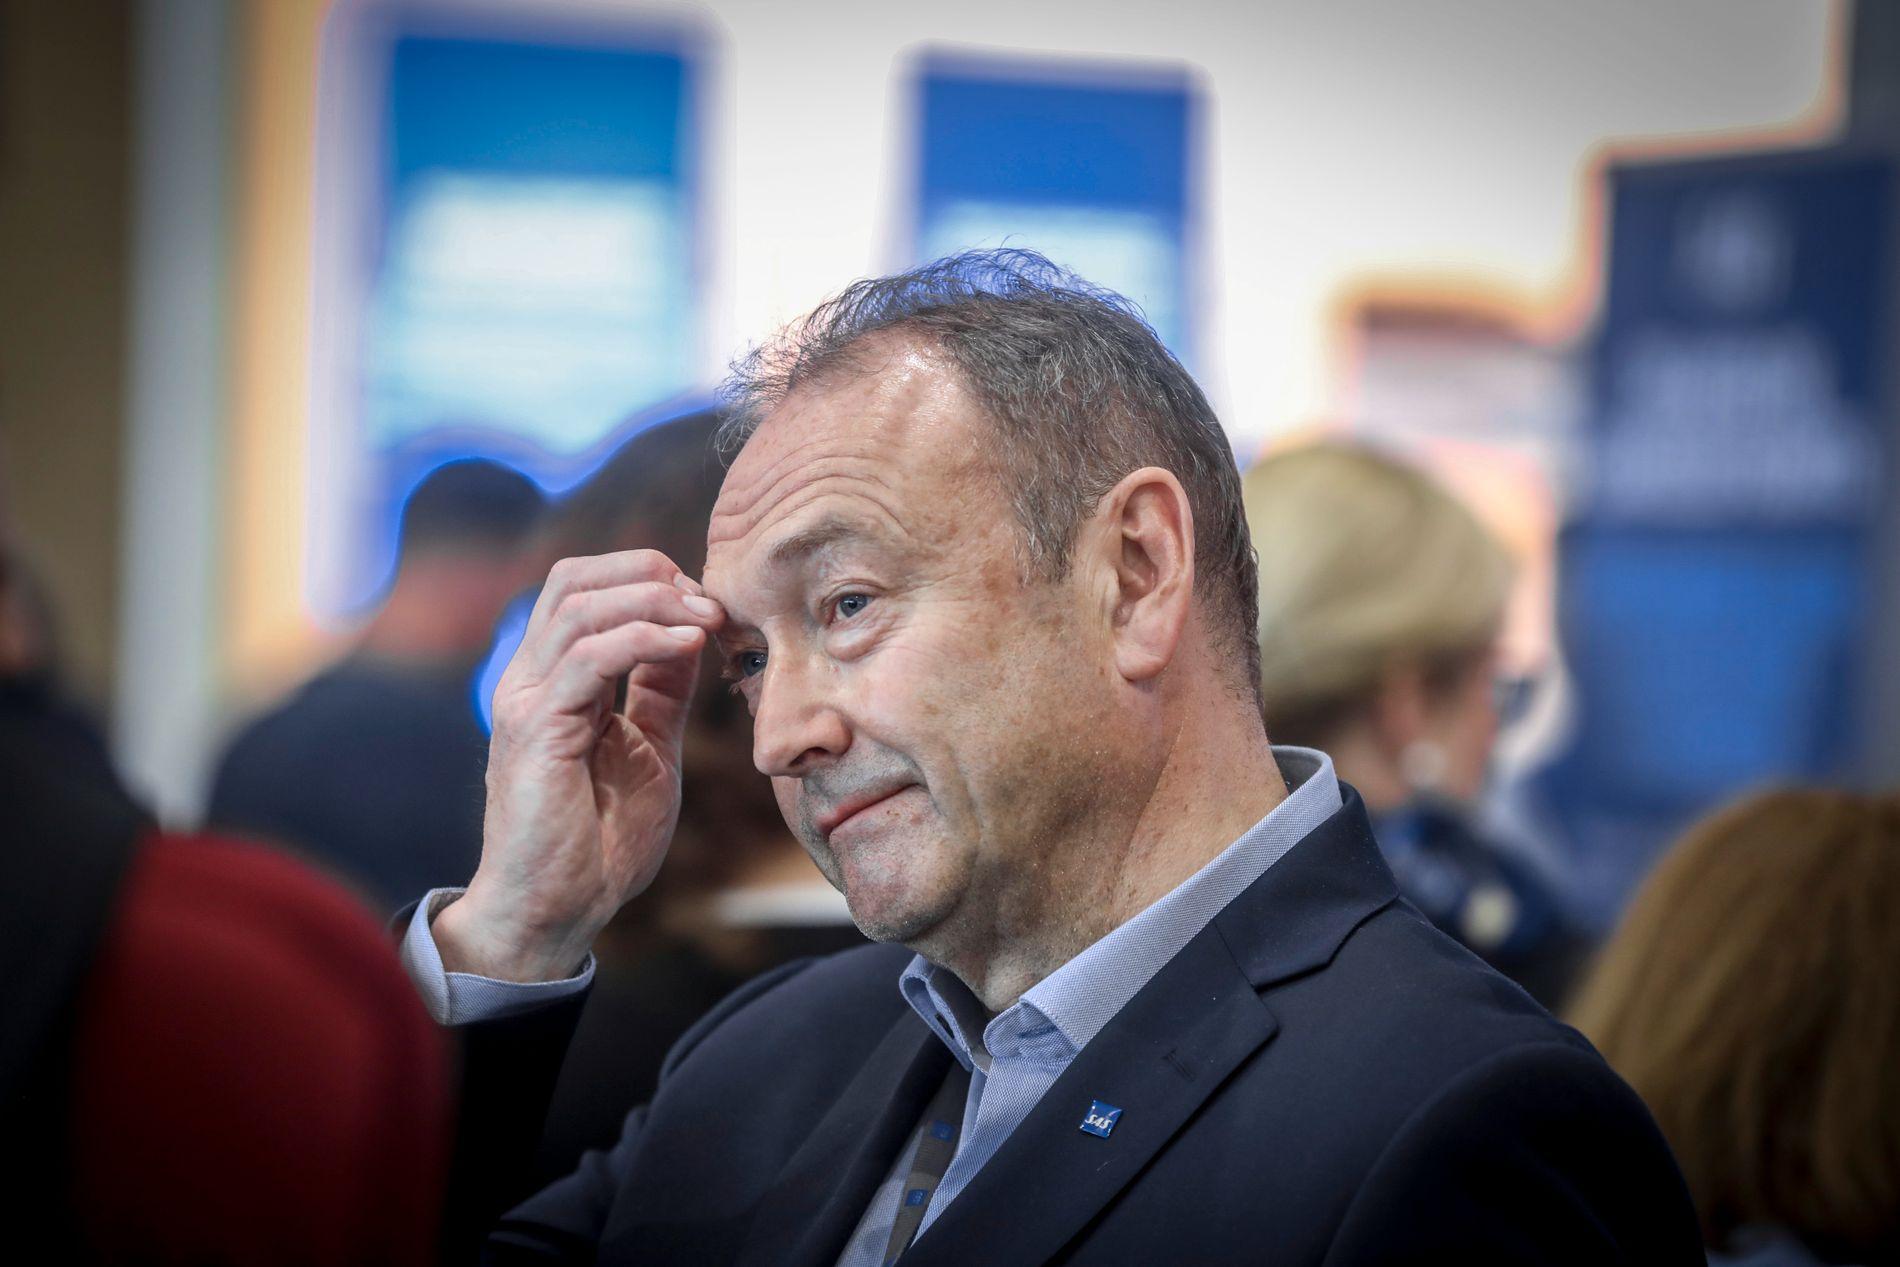 PÅ BAKKEN: Kommunikasjonssjef i SAS Knut Morten Johansen.